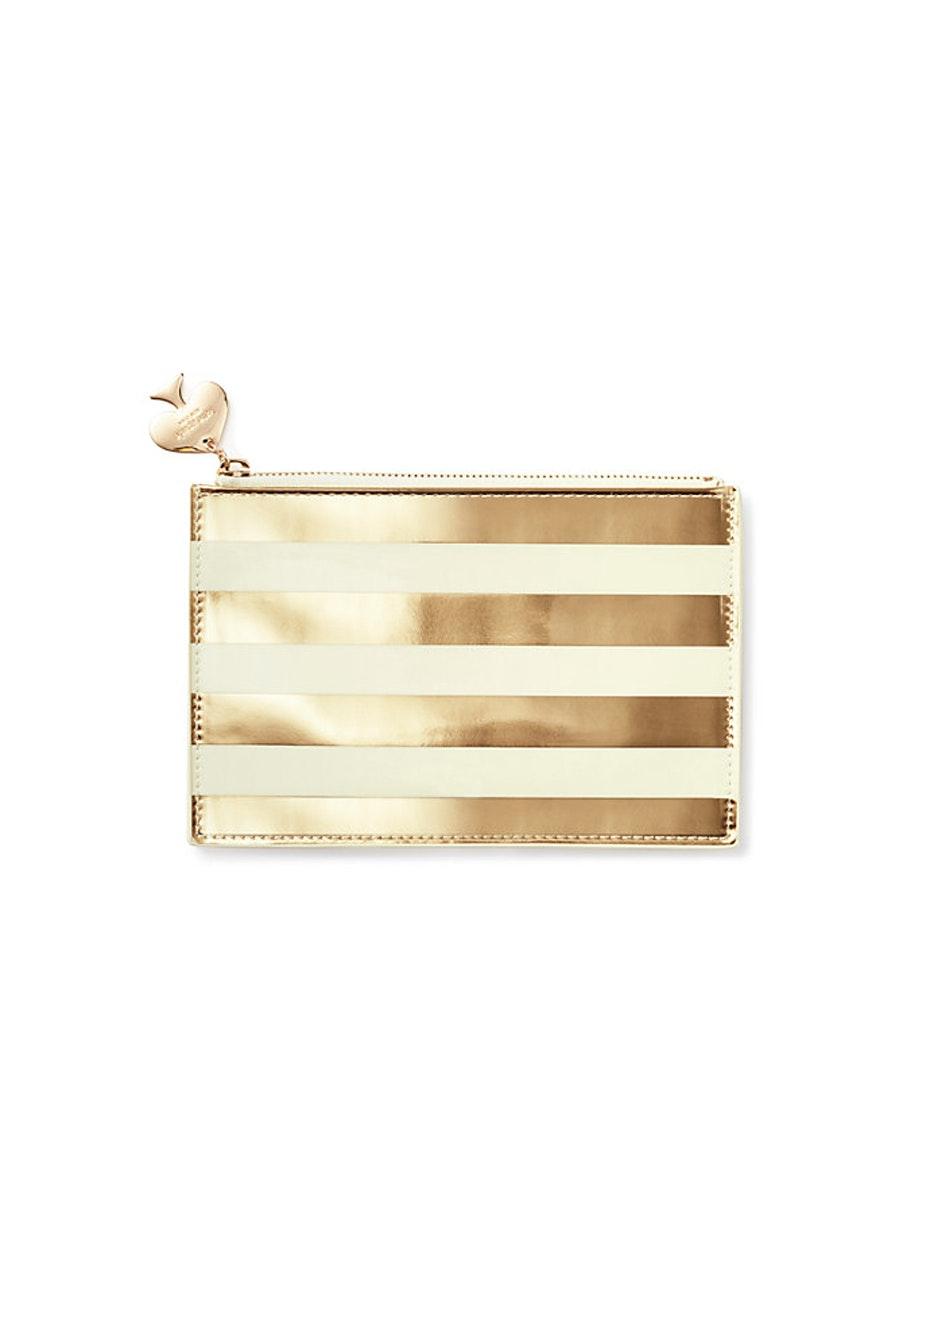 Kate Spade - Pencil Pouch Gold Stripe